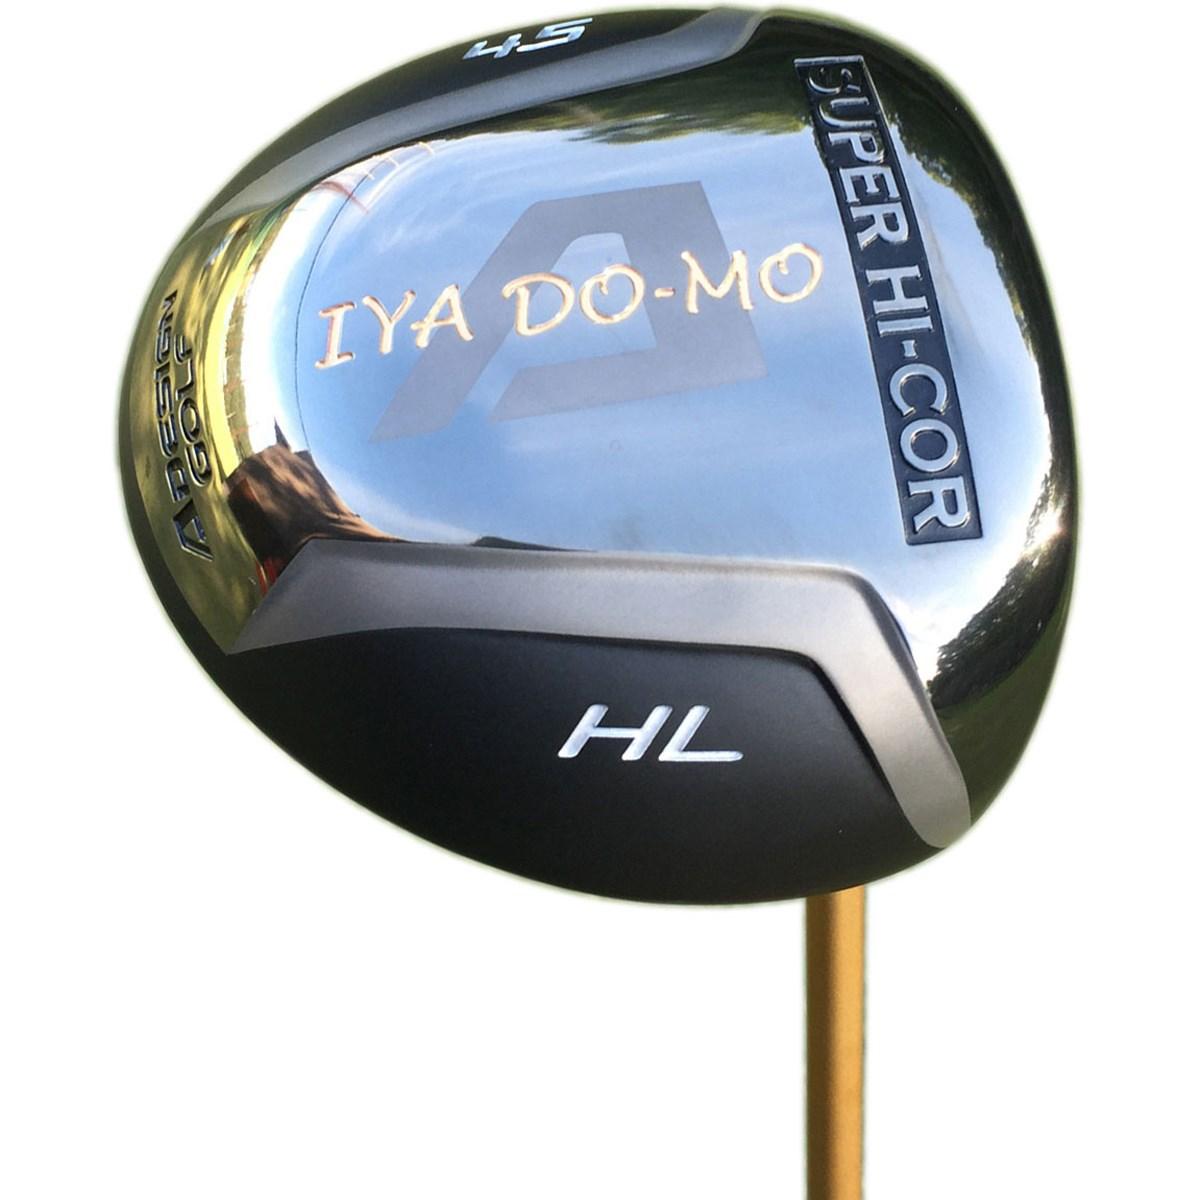 エーデザインゴルフ ネバースライスウッド ドライバー マミヤ製オリジナルカーボン【ルール非適合】